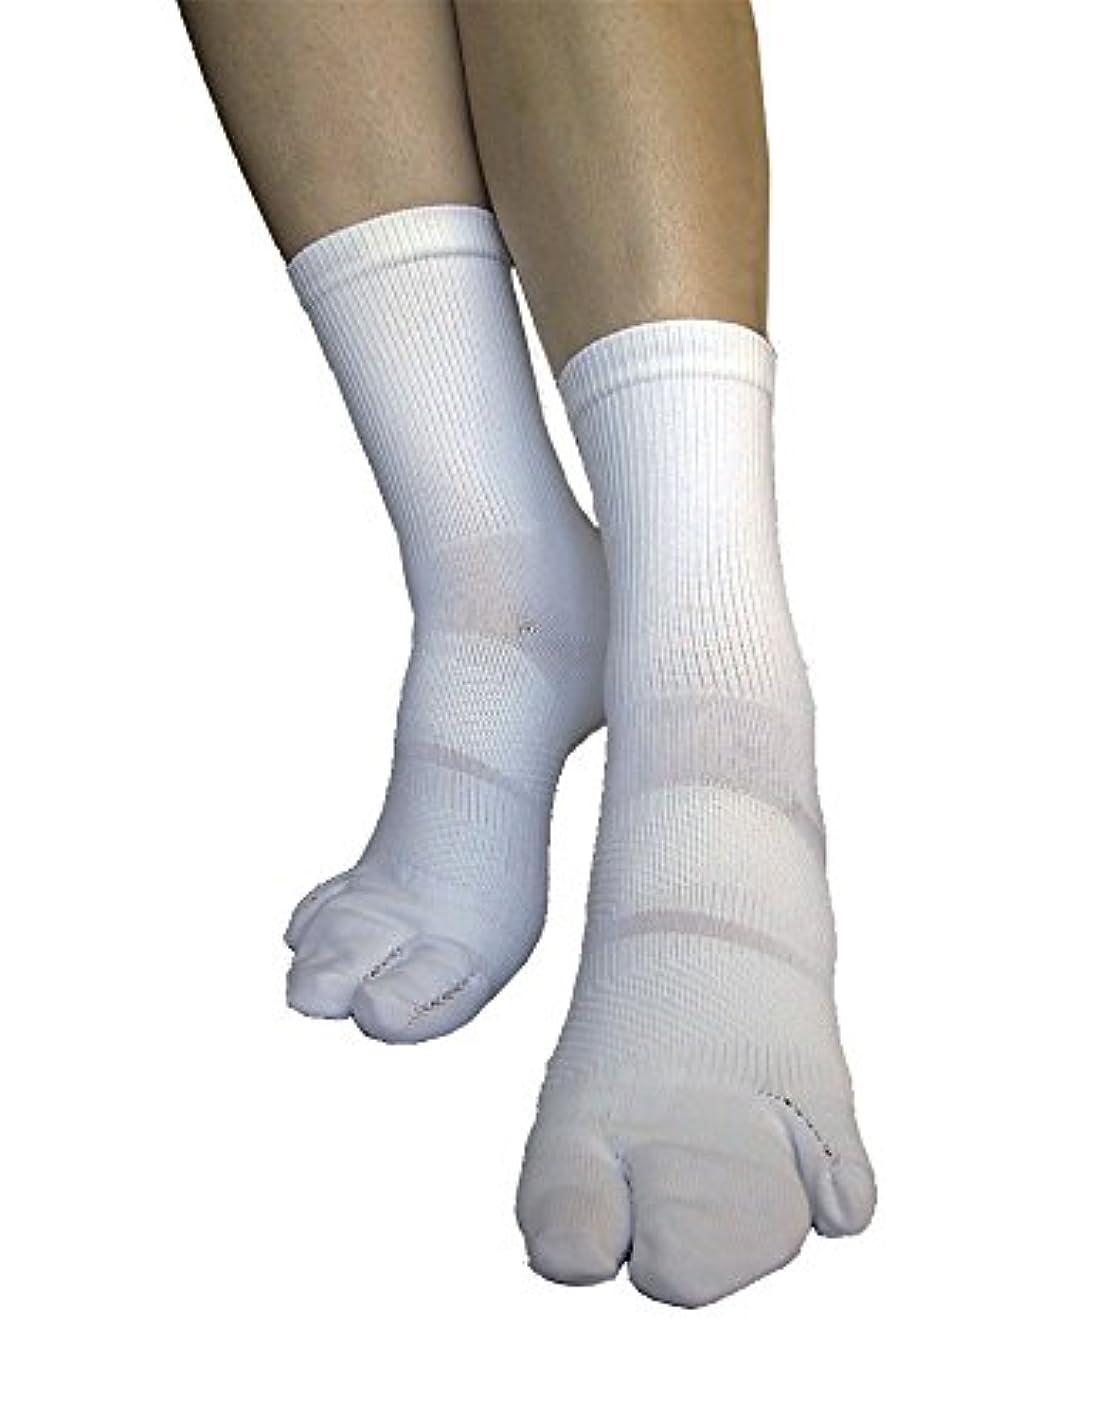 きしむ一過性マージン外反母趾対策 足首ほっそーり3本指テーピング靴下 M(22-24cm)?ホワイト